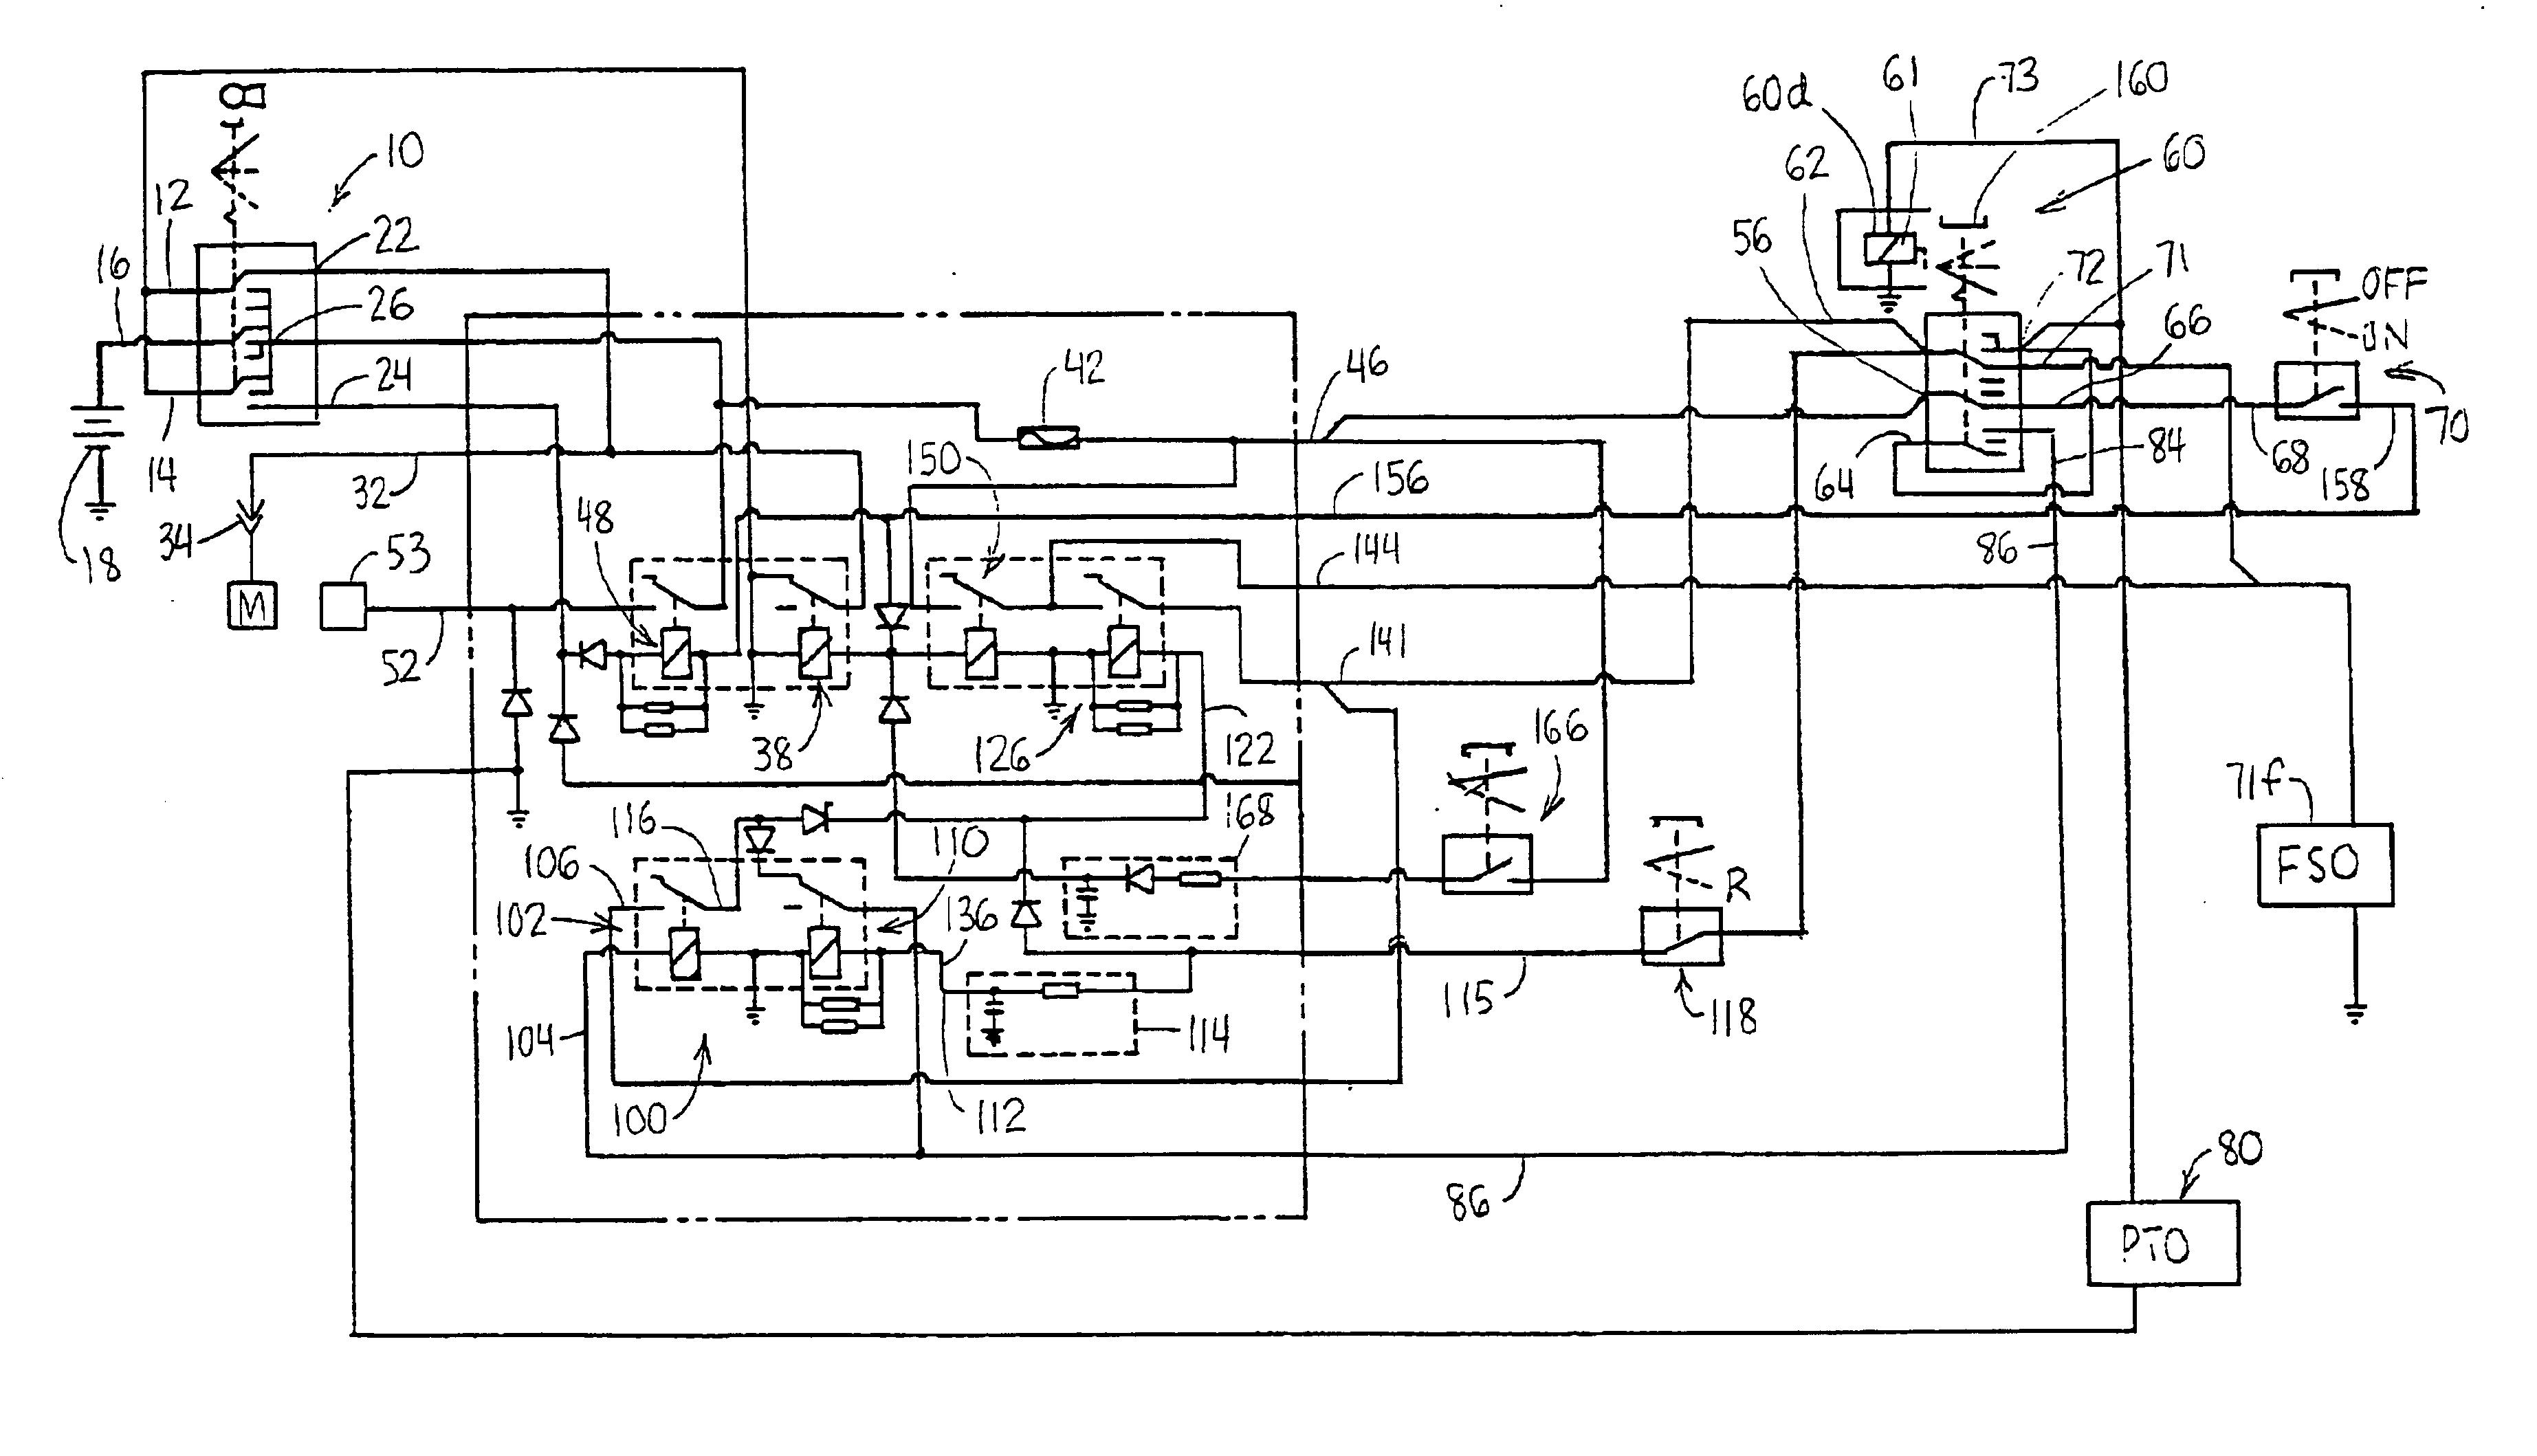 Kbic 120 Wiring Diagram